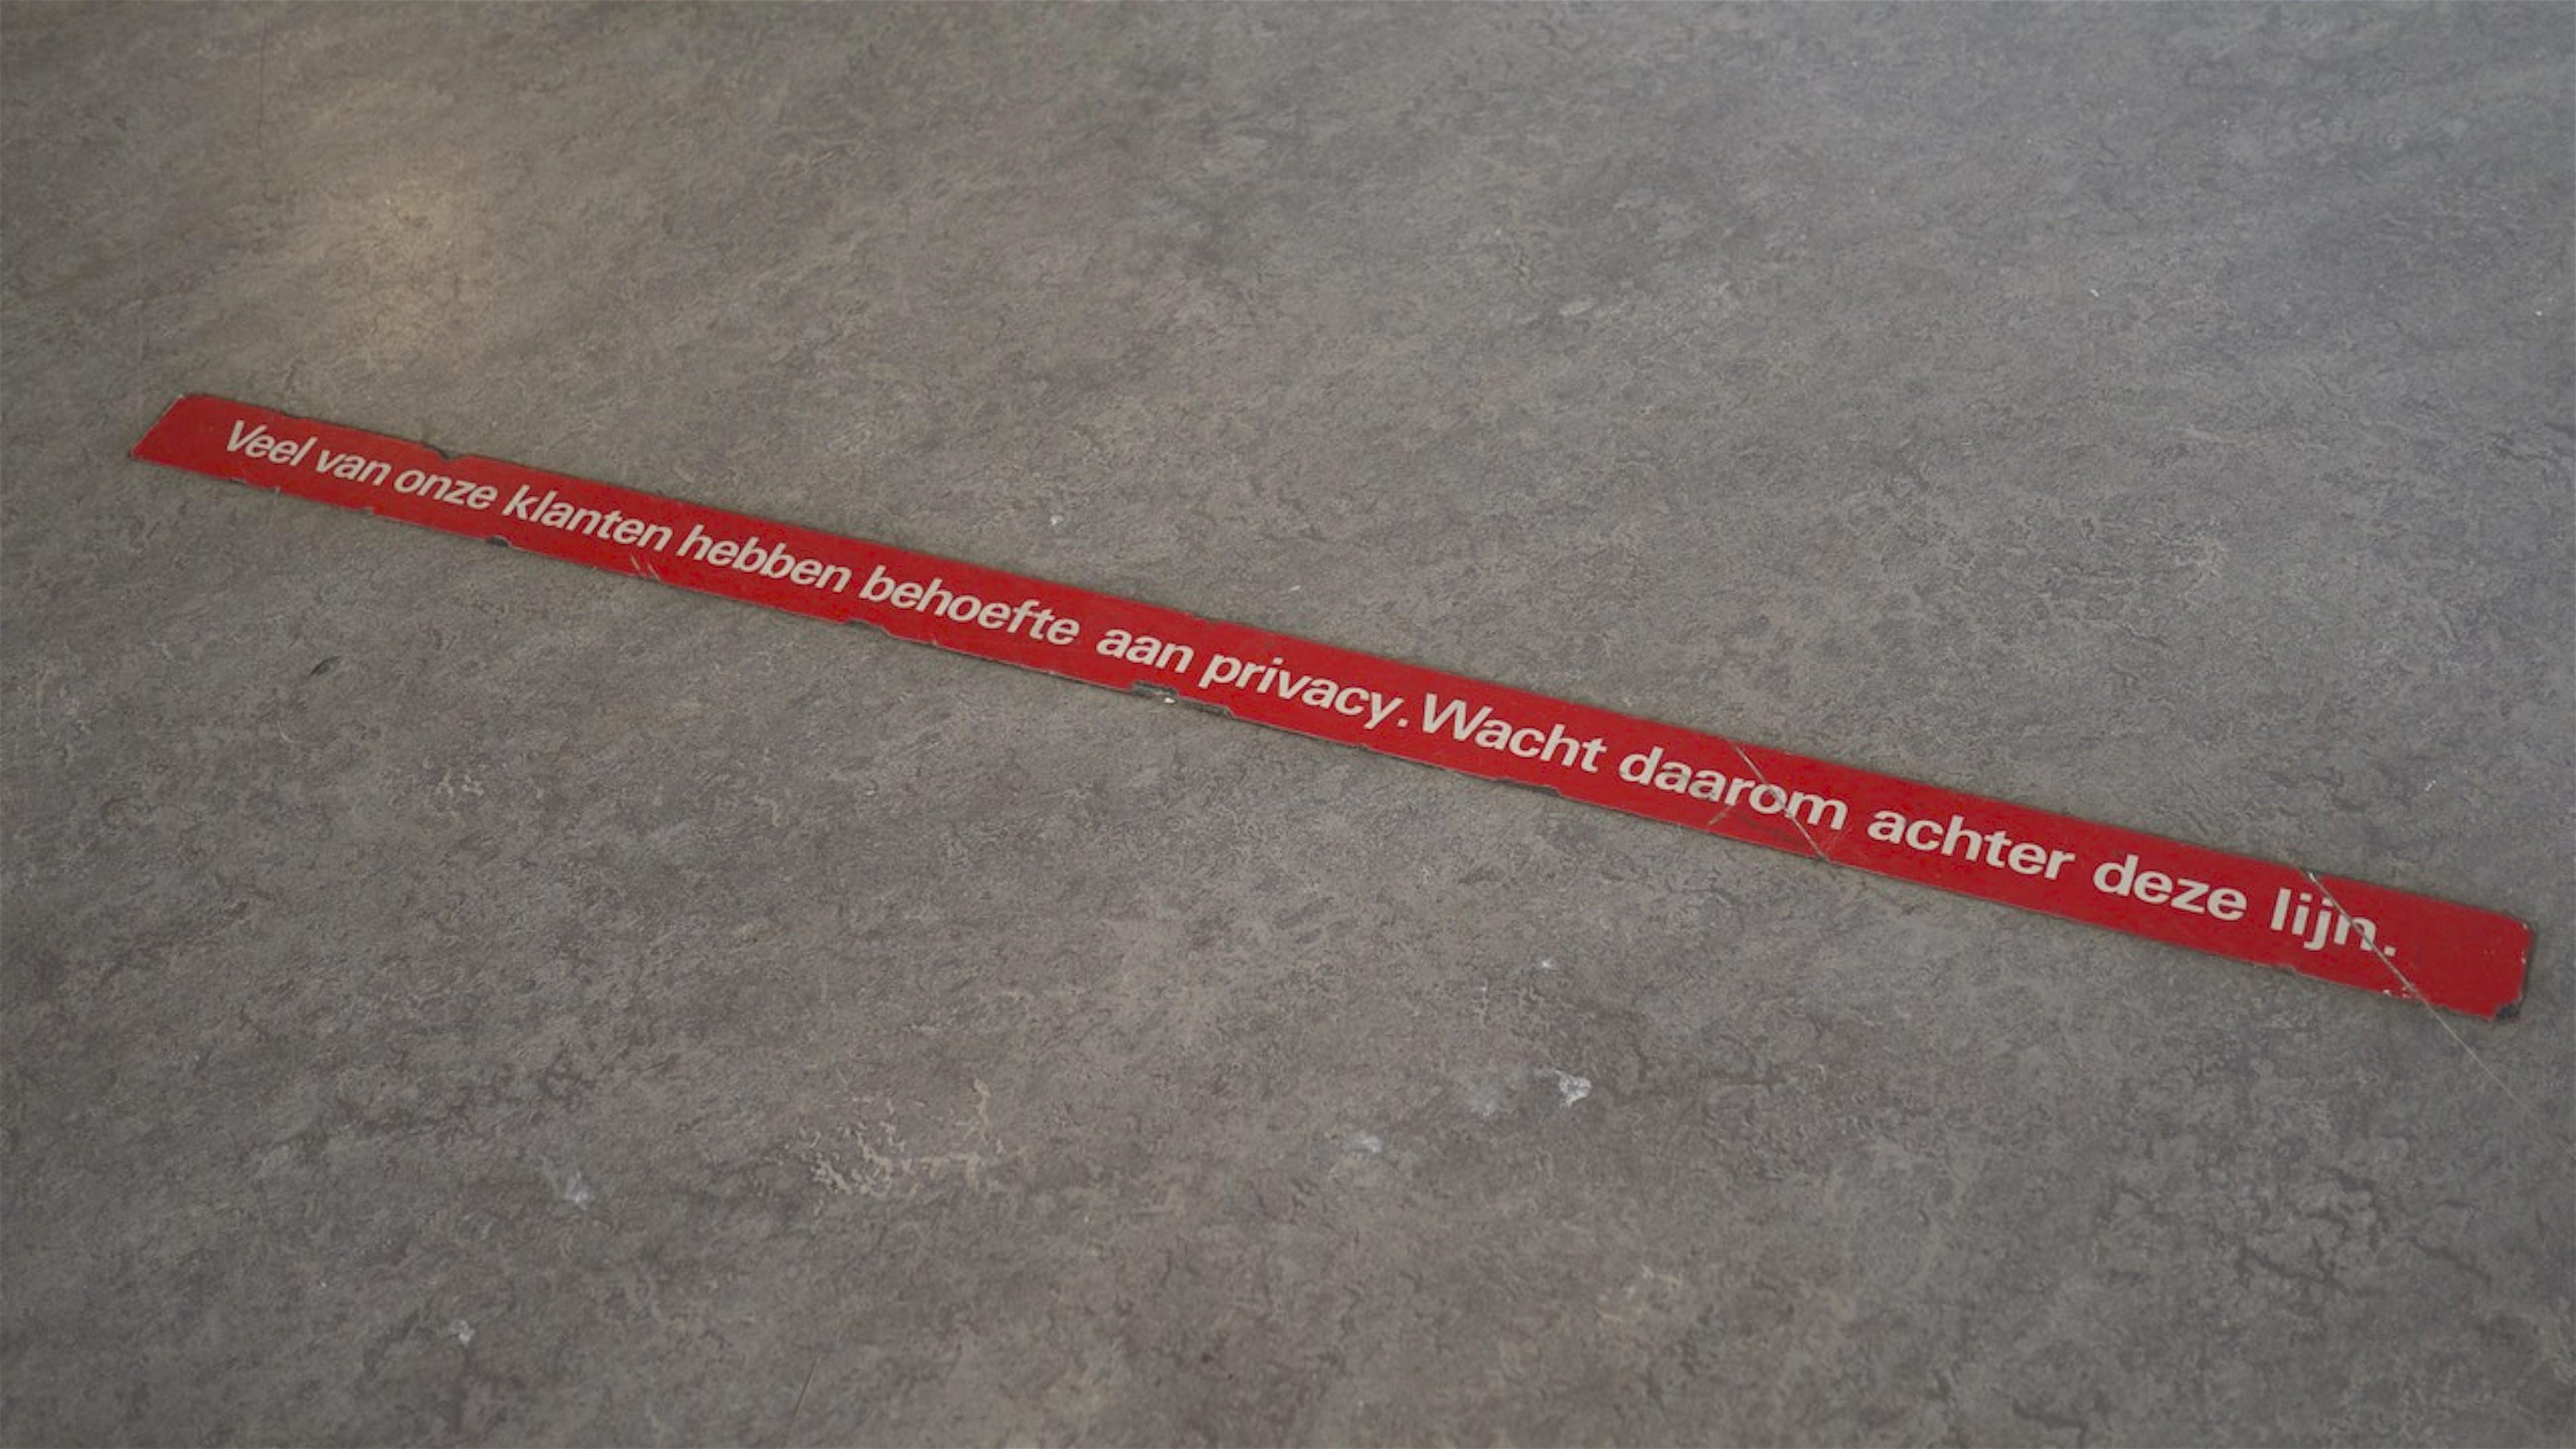 Veel van onze klanten hebben behoefte aan privacy. Wacht daarom achter deze lijn (foto Staf RSMuseum)